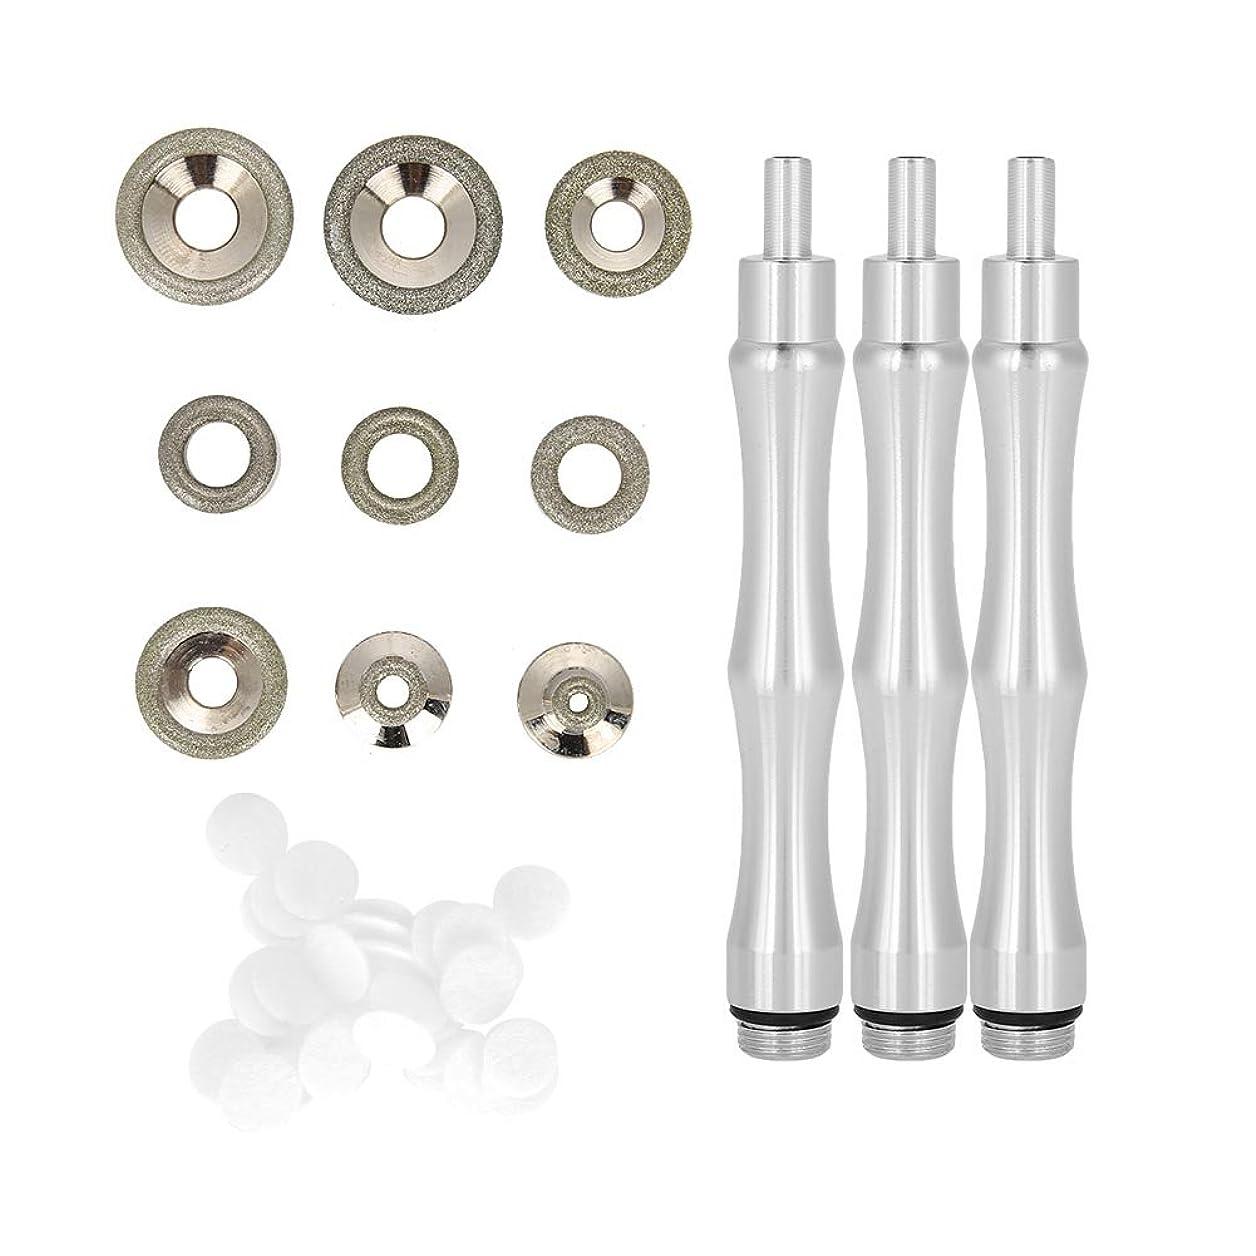 斧死ぬ利得ダイヤモンドマイクロダーマブレーションヒント 、交換用、ハンドル付き、ステンレススチール製フィルターセット